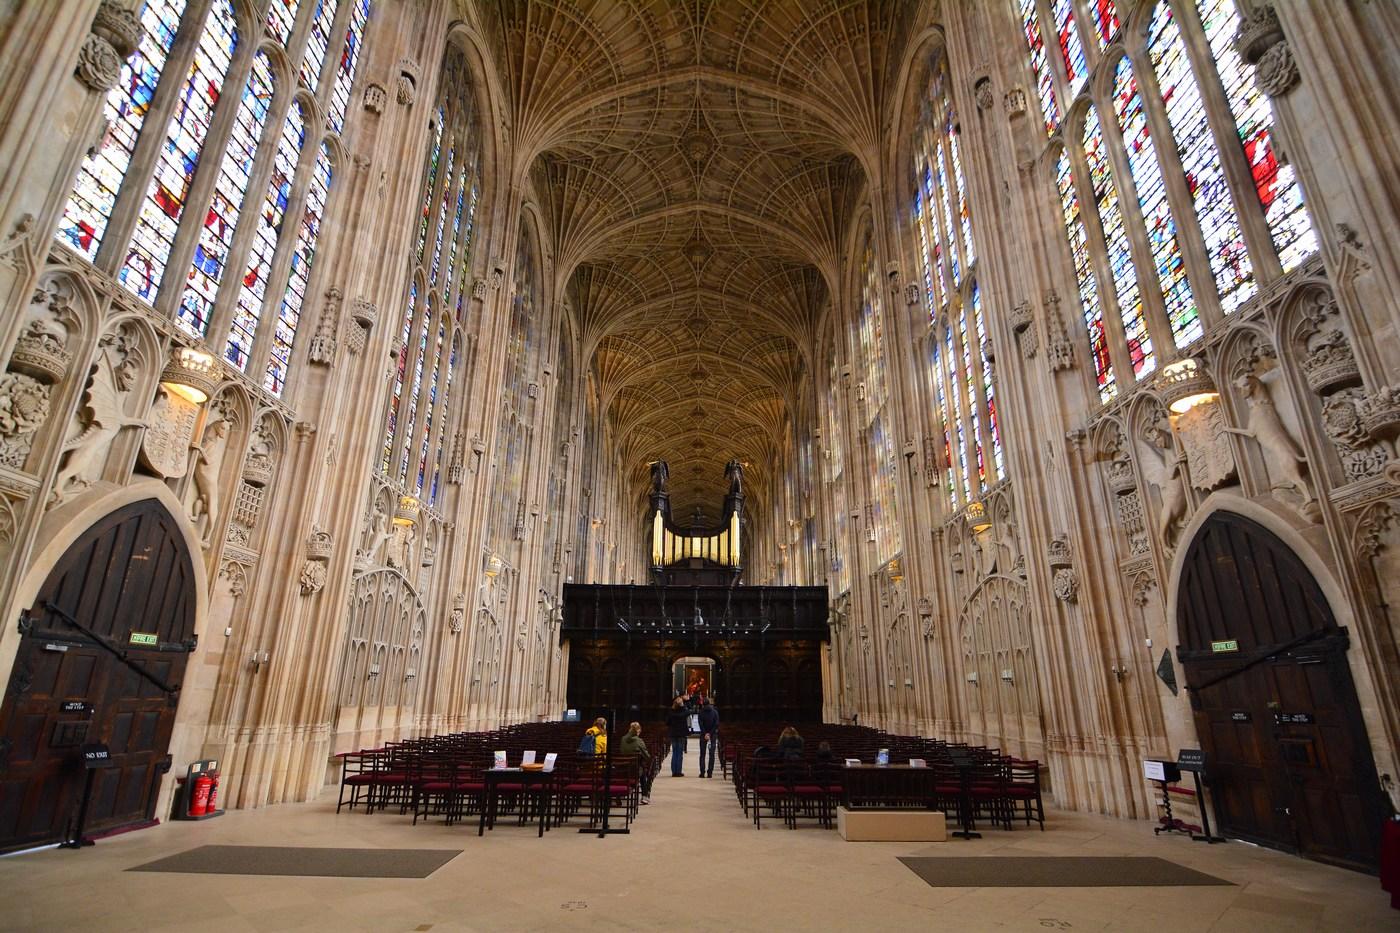 L'intérieur est grandiose et ressemble plus à une nef de cathédrale qu'à une simple chapelle...